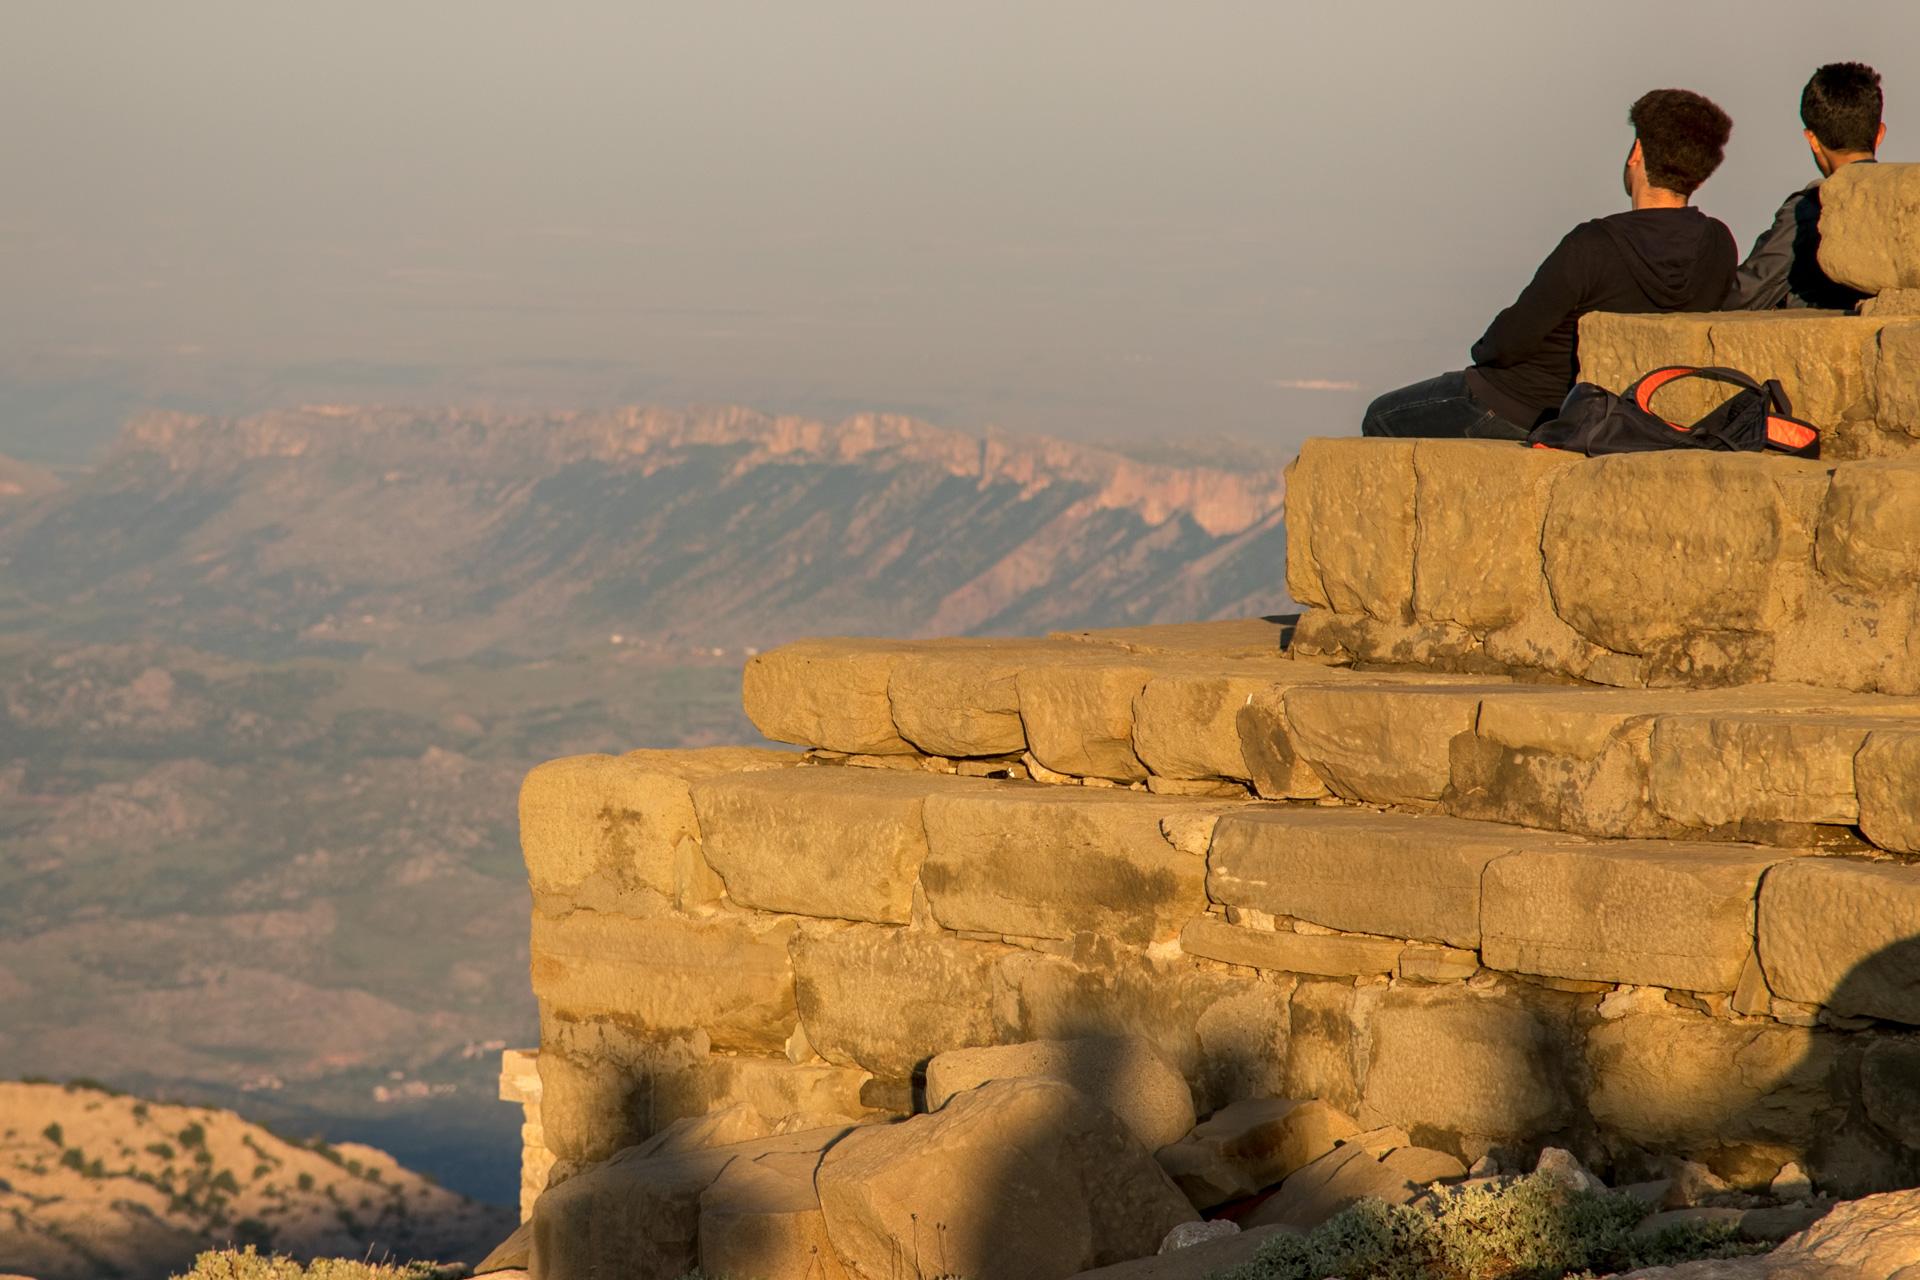 Nemrut Dağı Komagene Krallığı Adıyaman Fotoğrafları Çekergezer Hakan Aydın Fotoğrafları www.cekergezer.com www.hakanaydın.com.tr